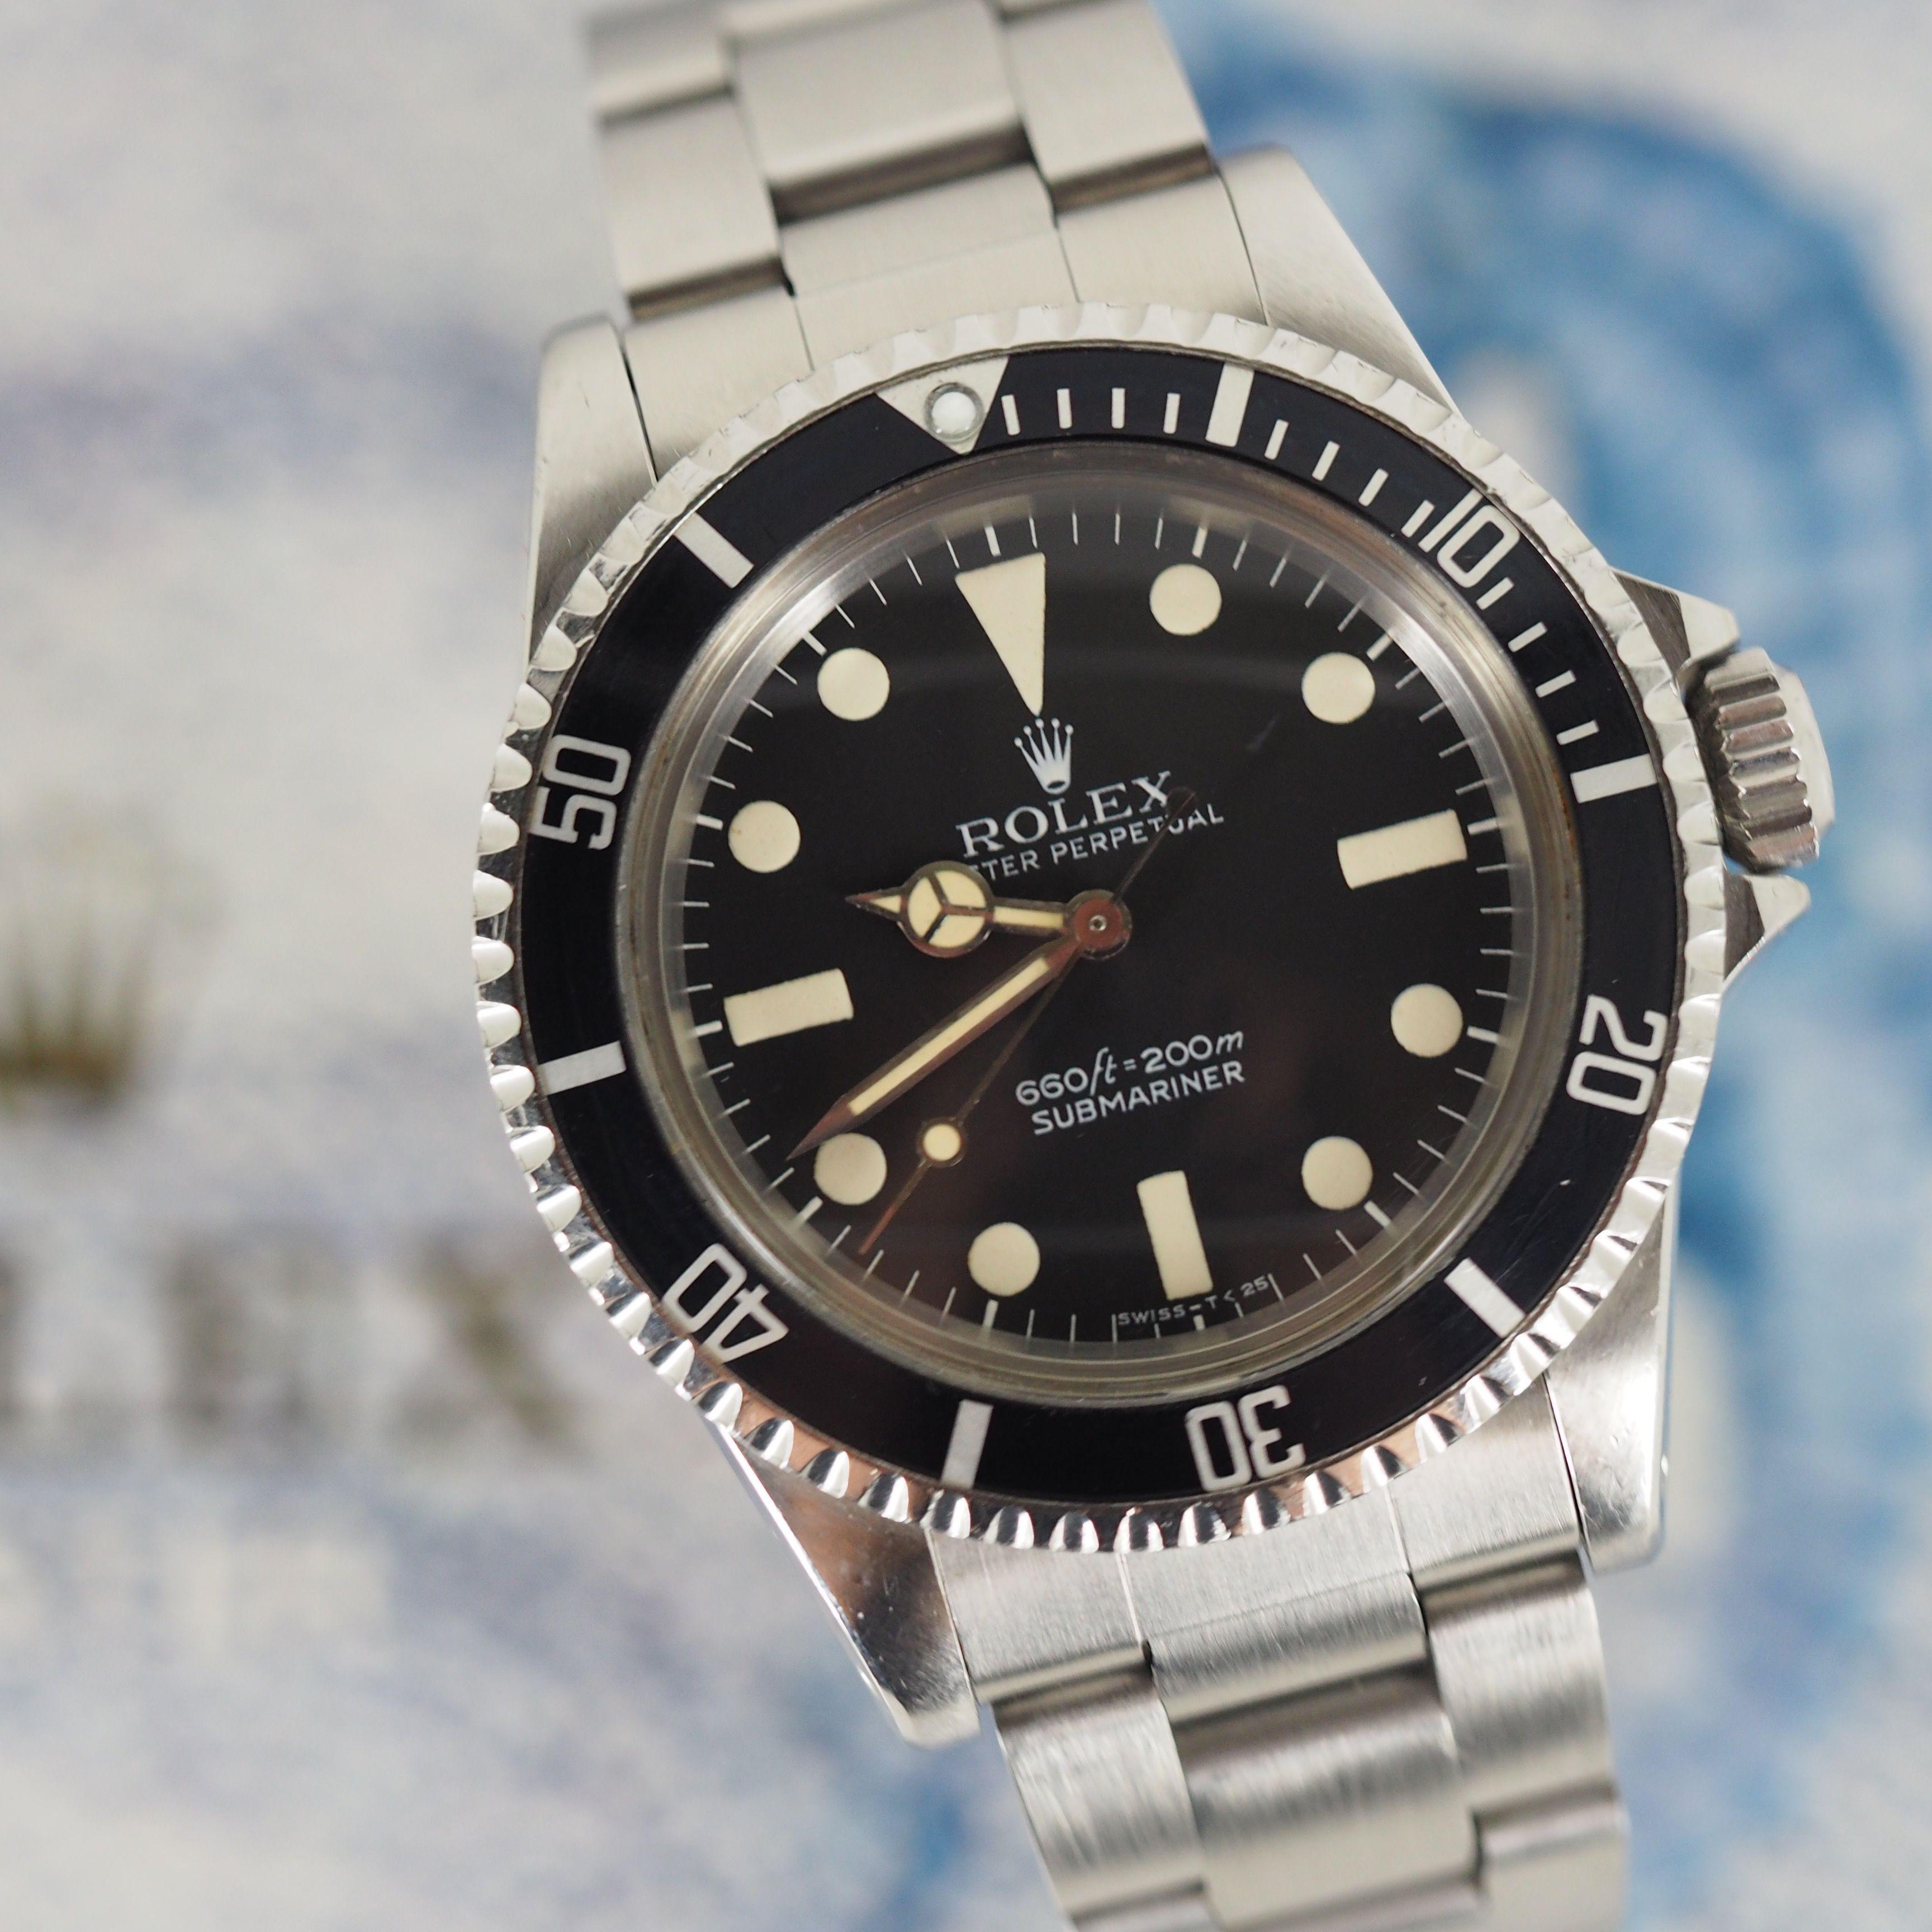 Rolex Submariner 5513 Rolex Watches Rolex Watches For Sale Rolex